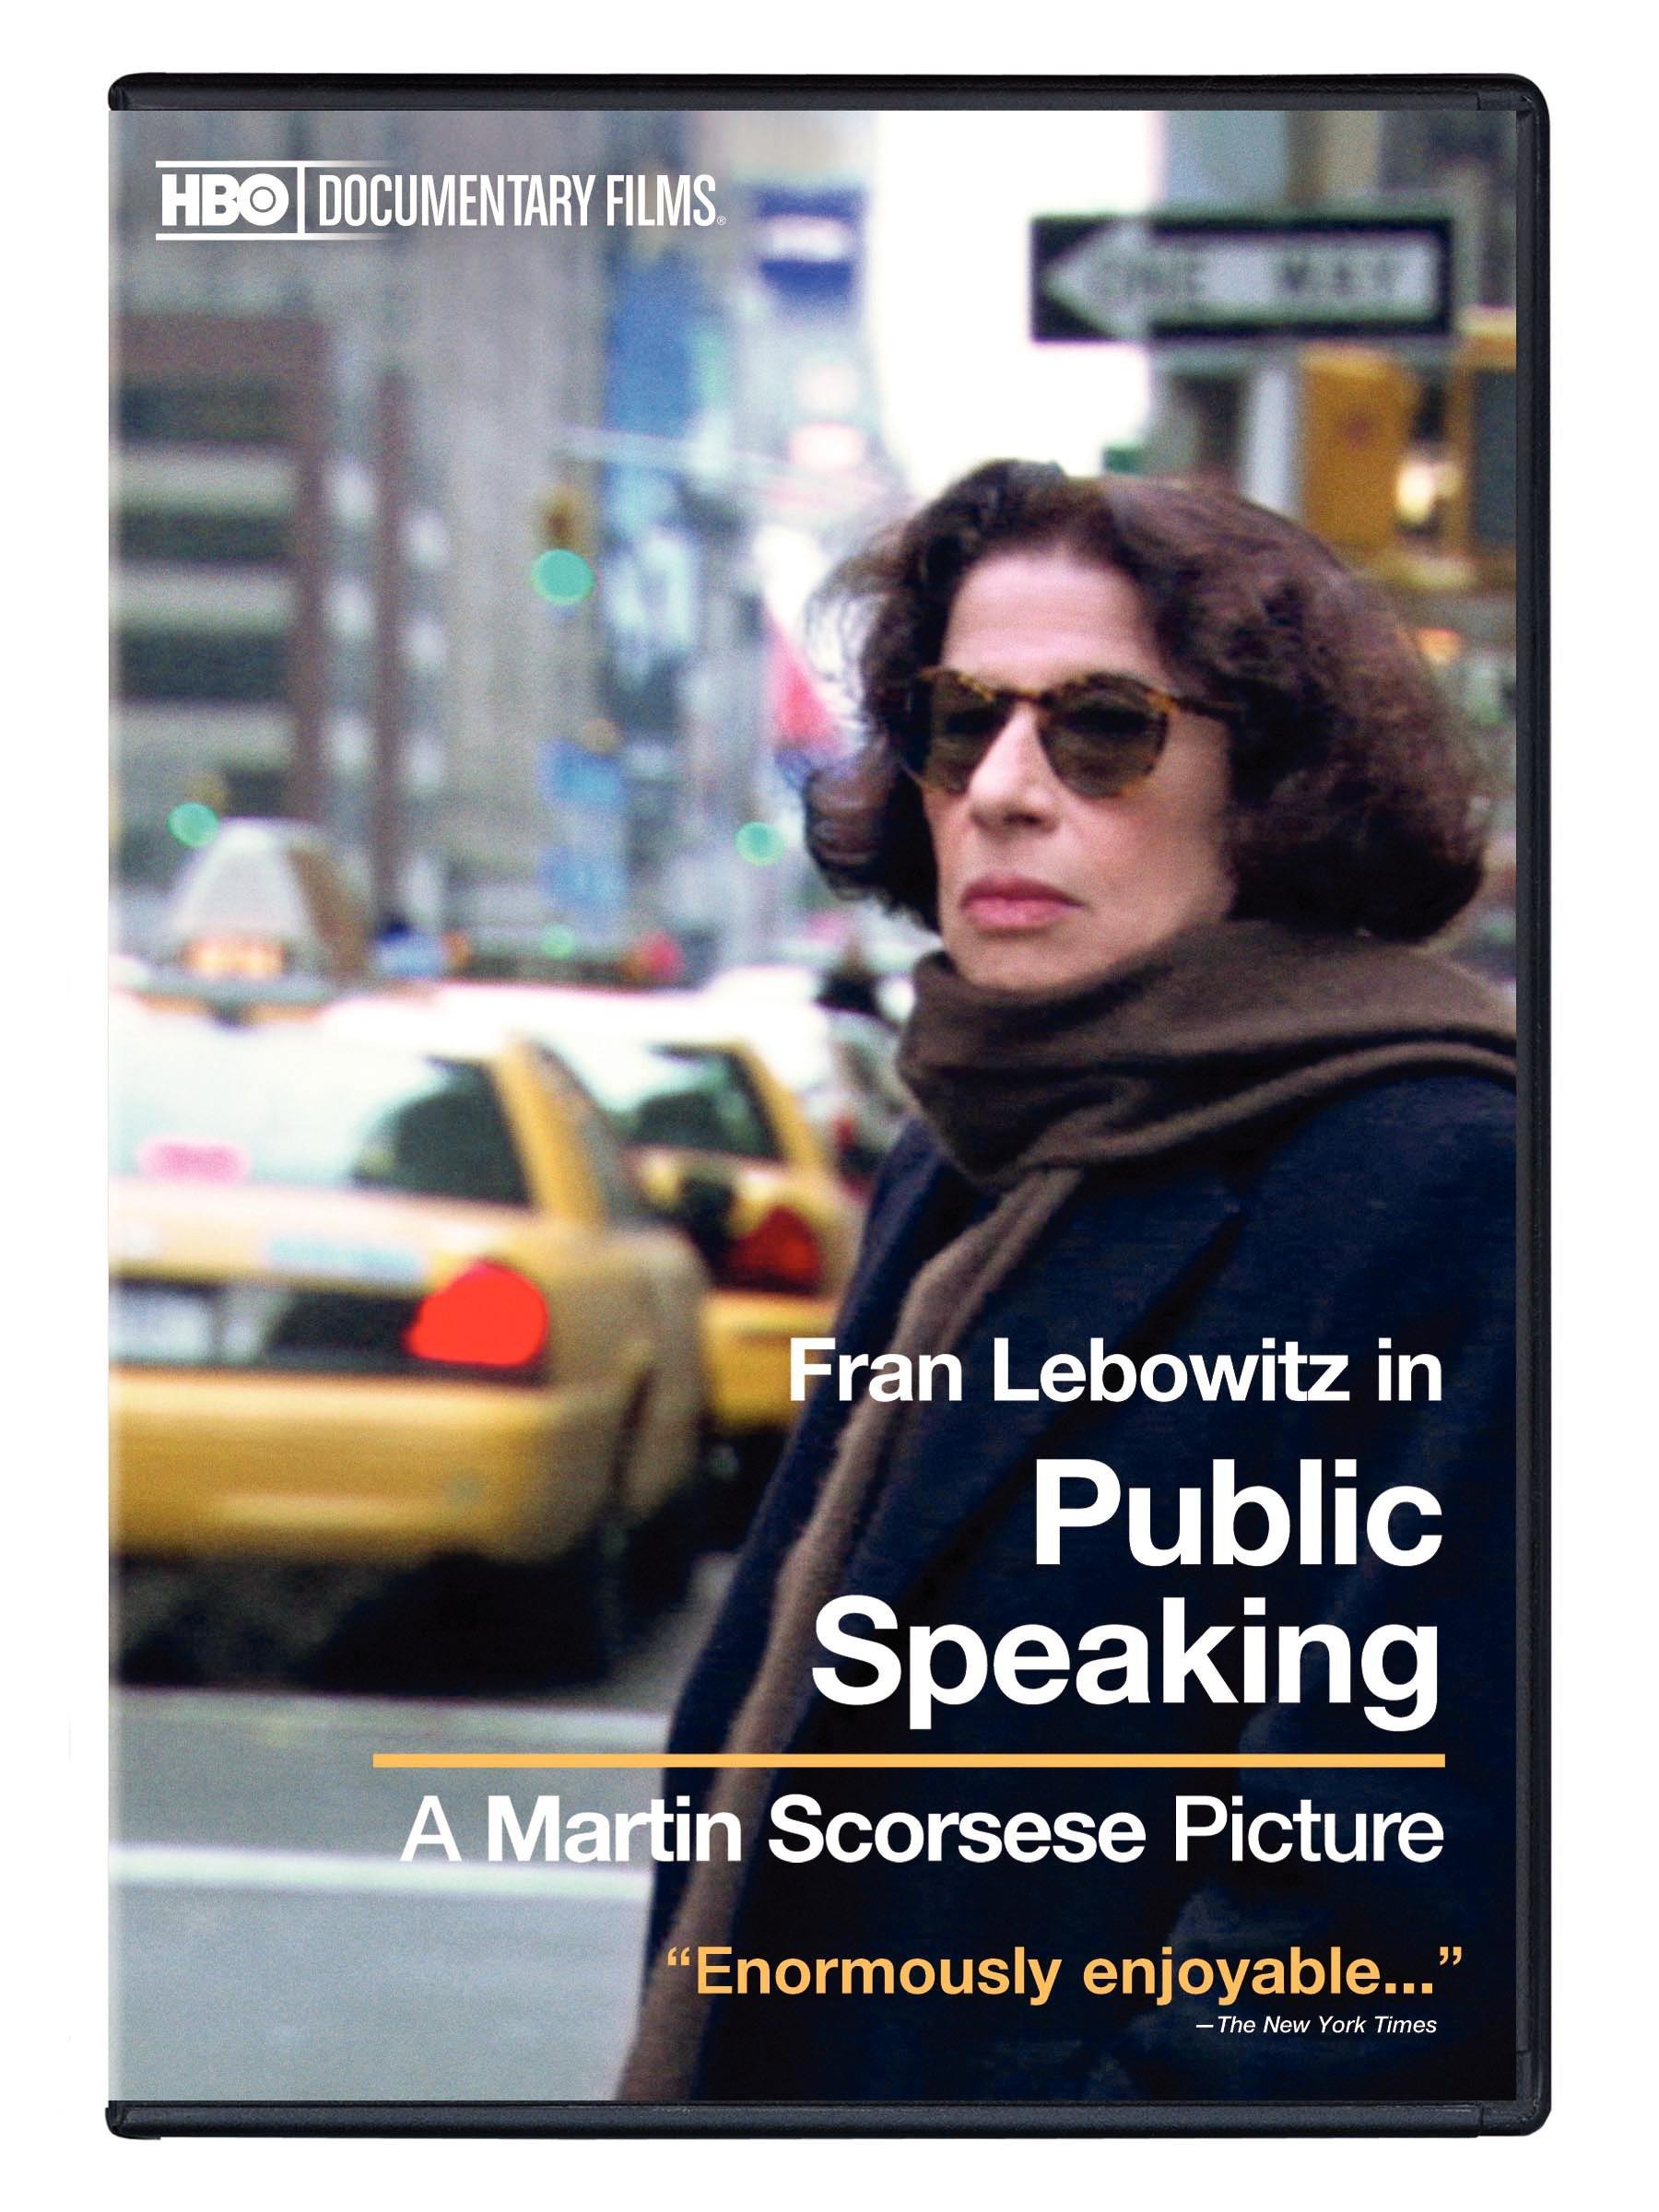 Public Speaking by HBO